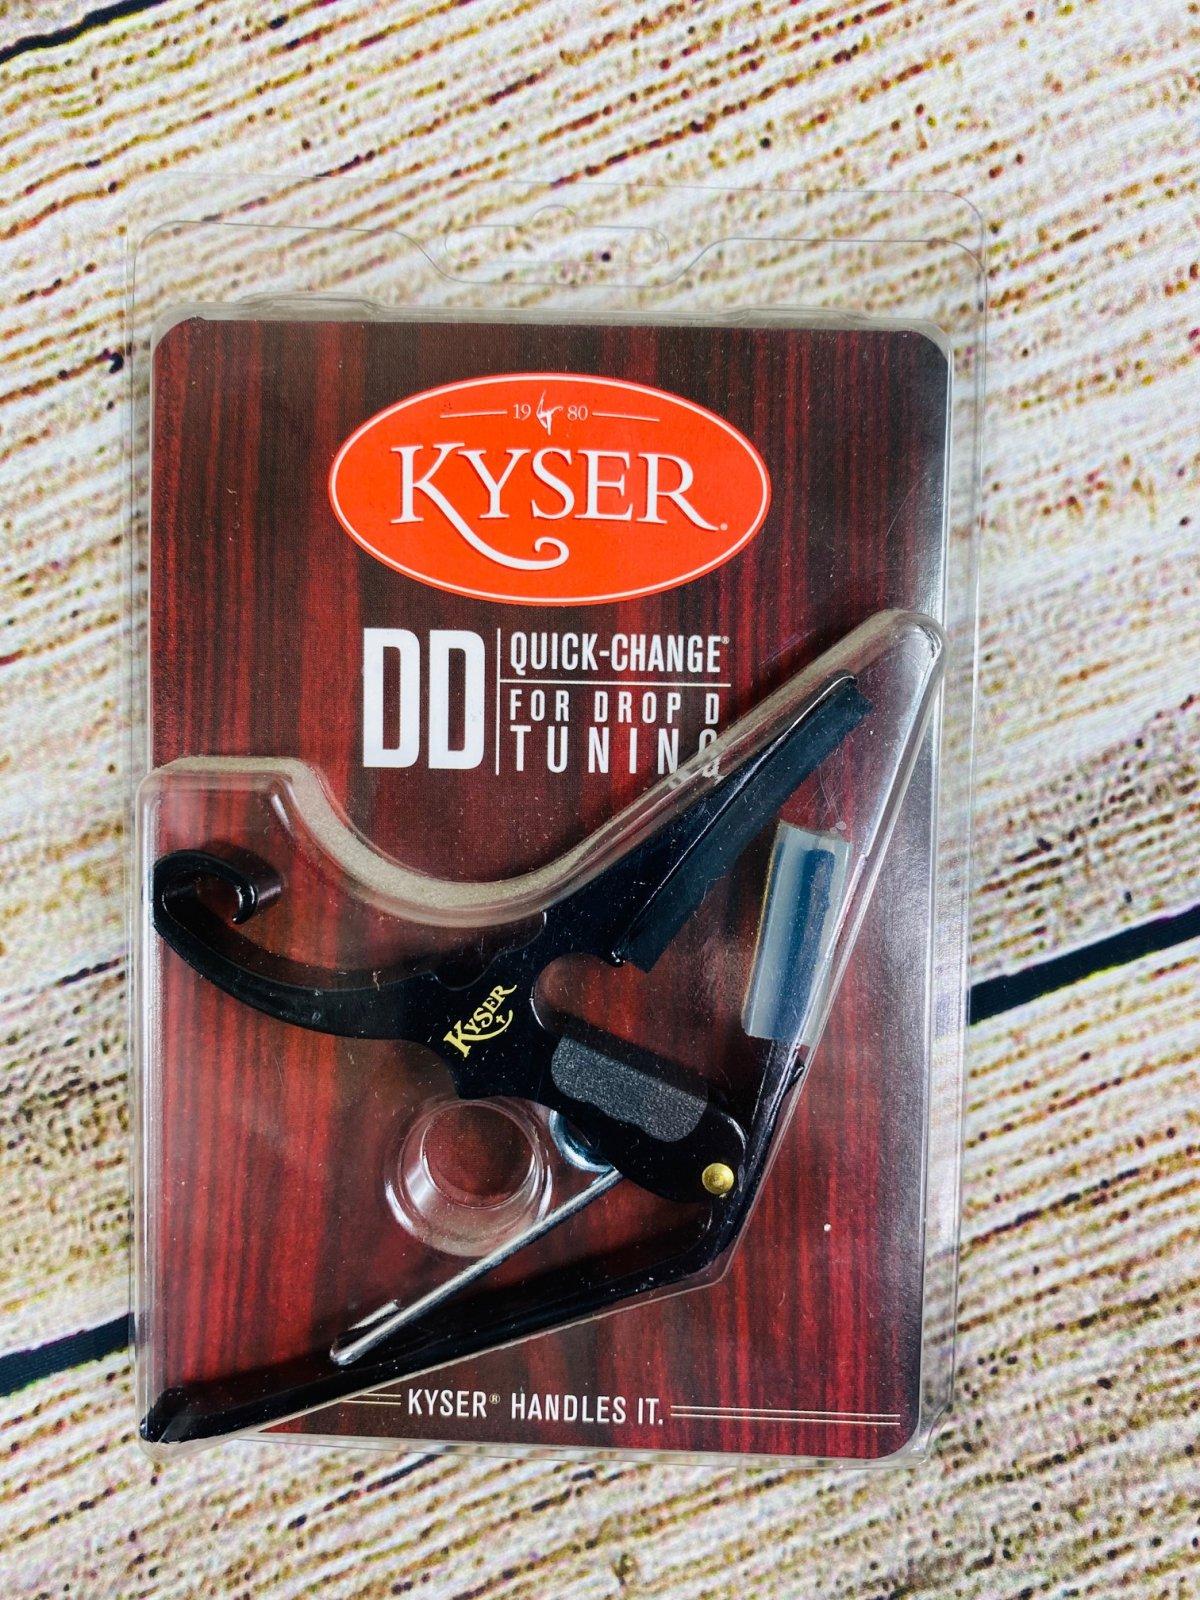 Kyser Quick-Change Drop-D Acoustic Guitar Capo